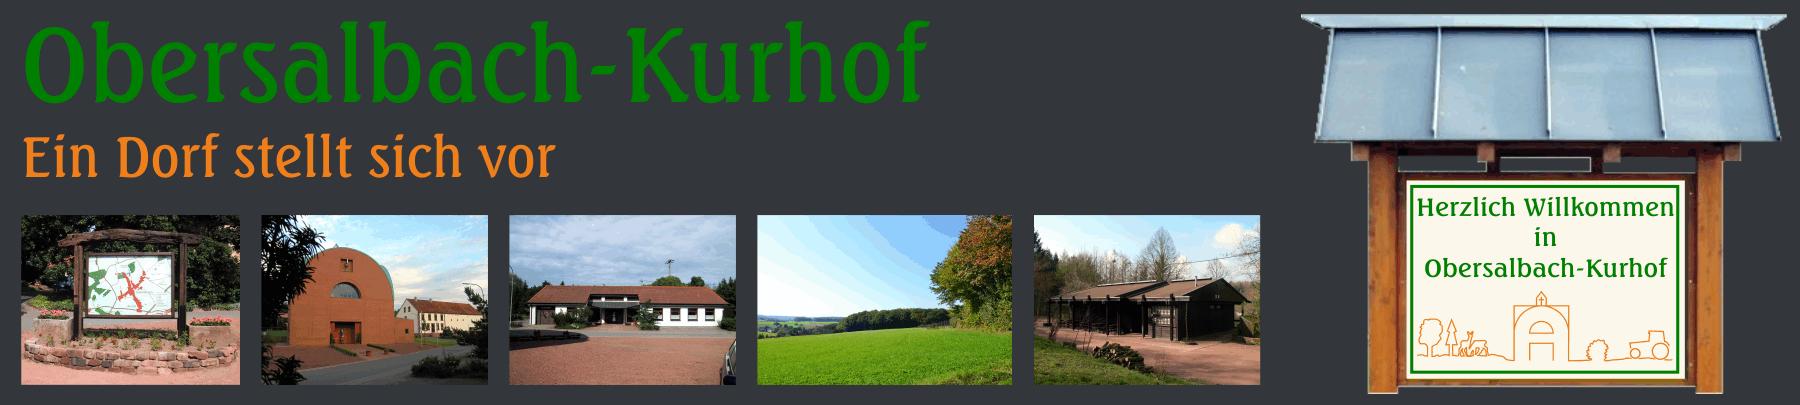 Obersalbach-Kurhof | Ein Dorf stellt sich vor